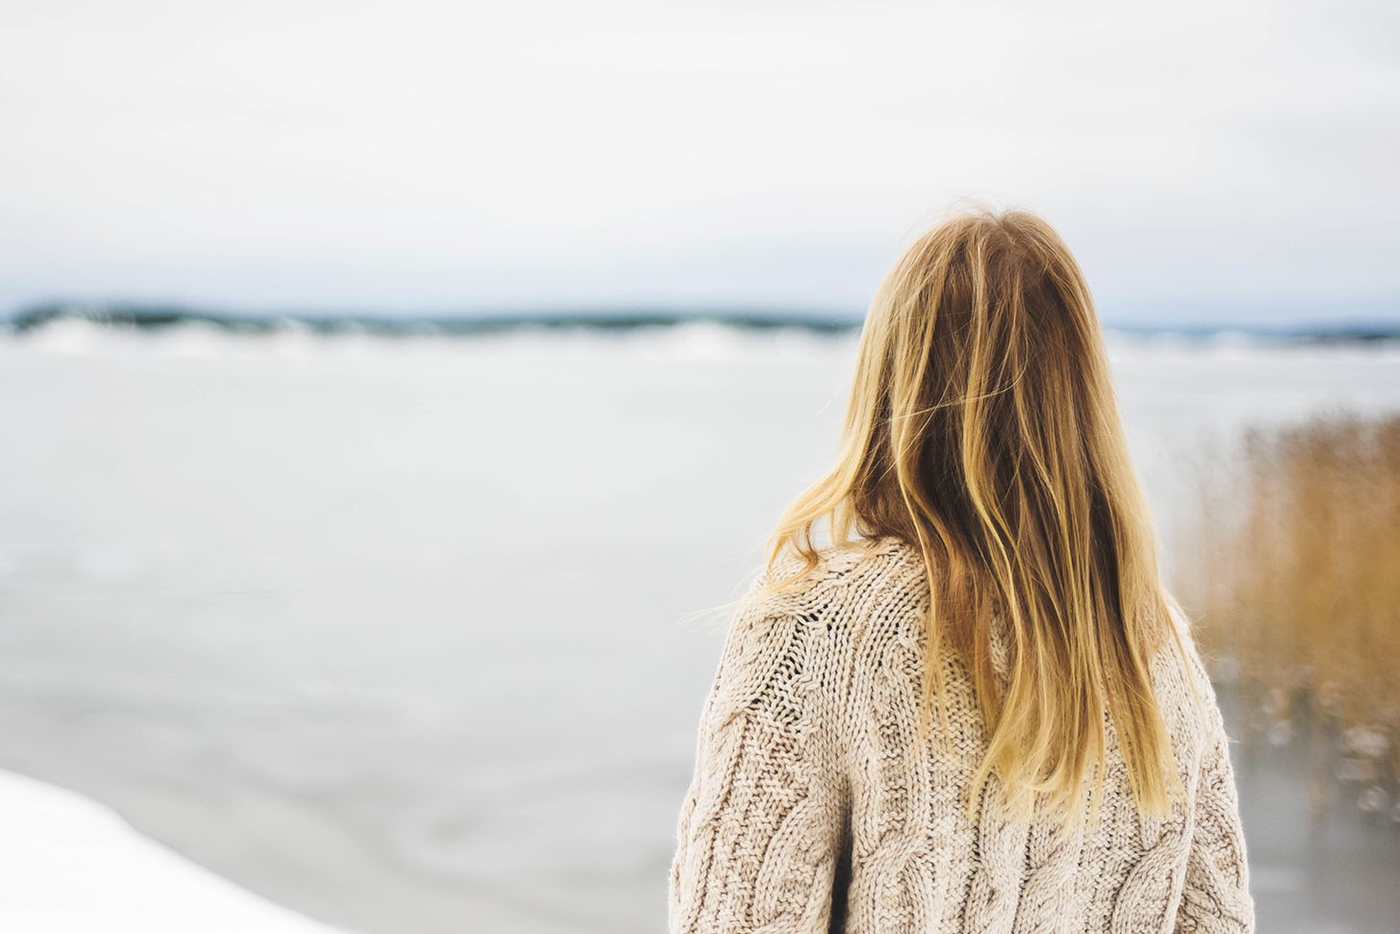 finland-espoo-winter-sundayblondie-5.jpg